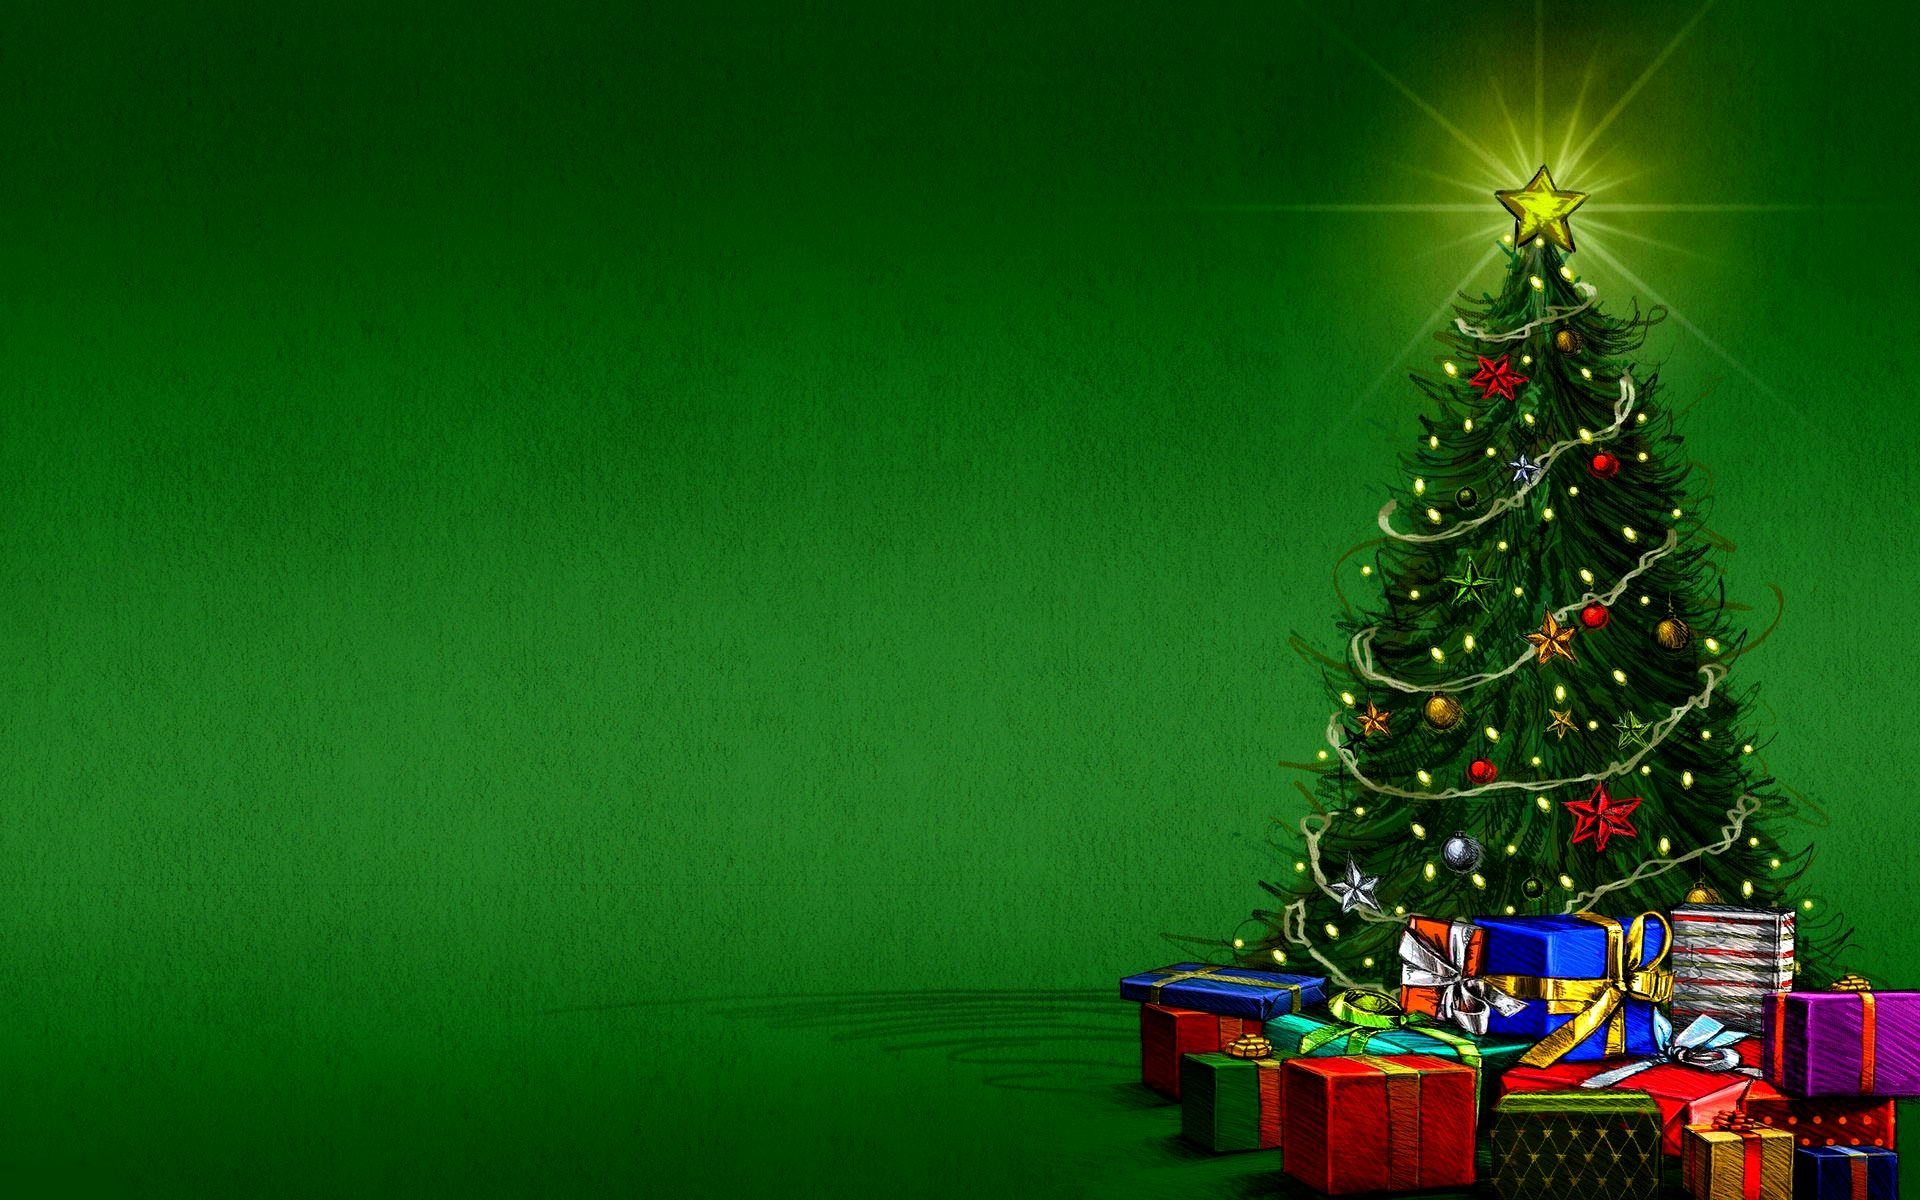 Fondos de pantalla para la navidad Imagenes De Navidad